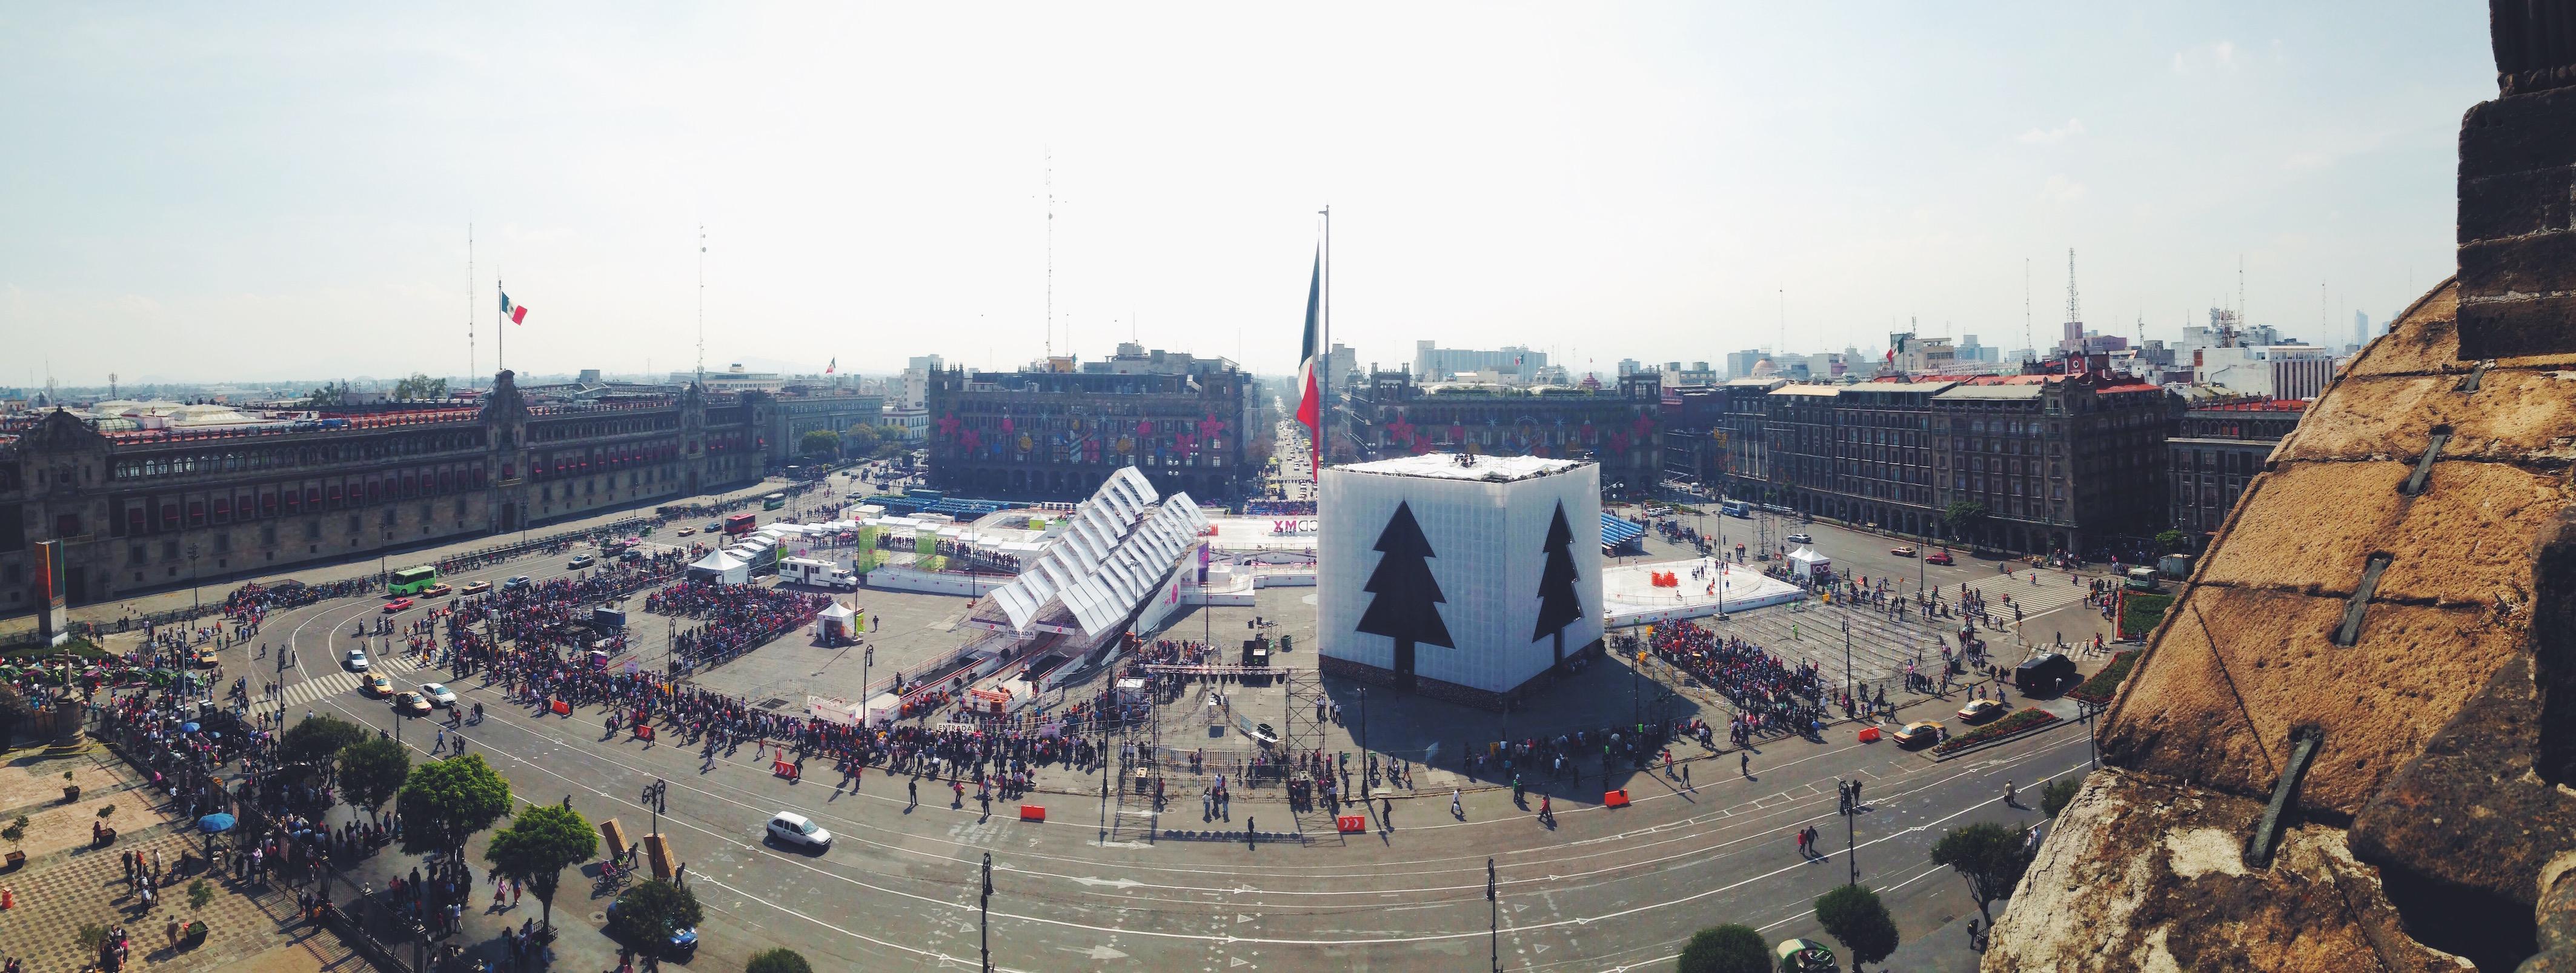 Itinerario di due settimane in Messico - Città del Messico, Zocalo